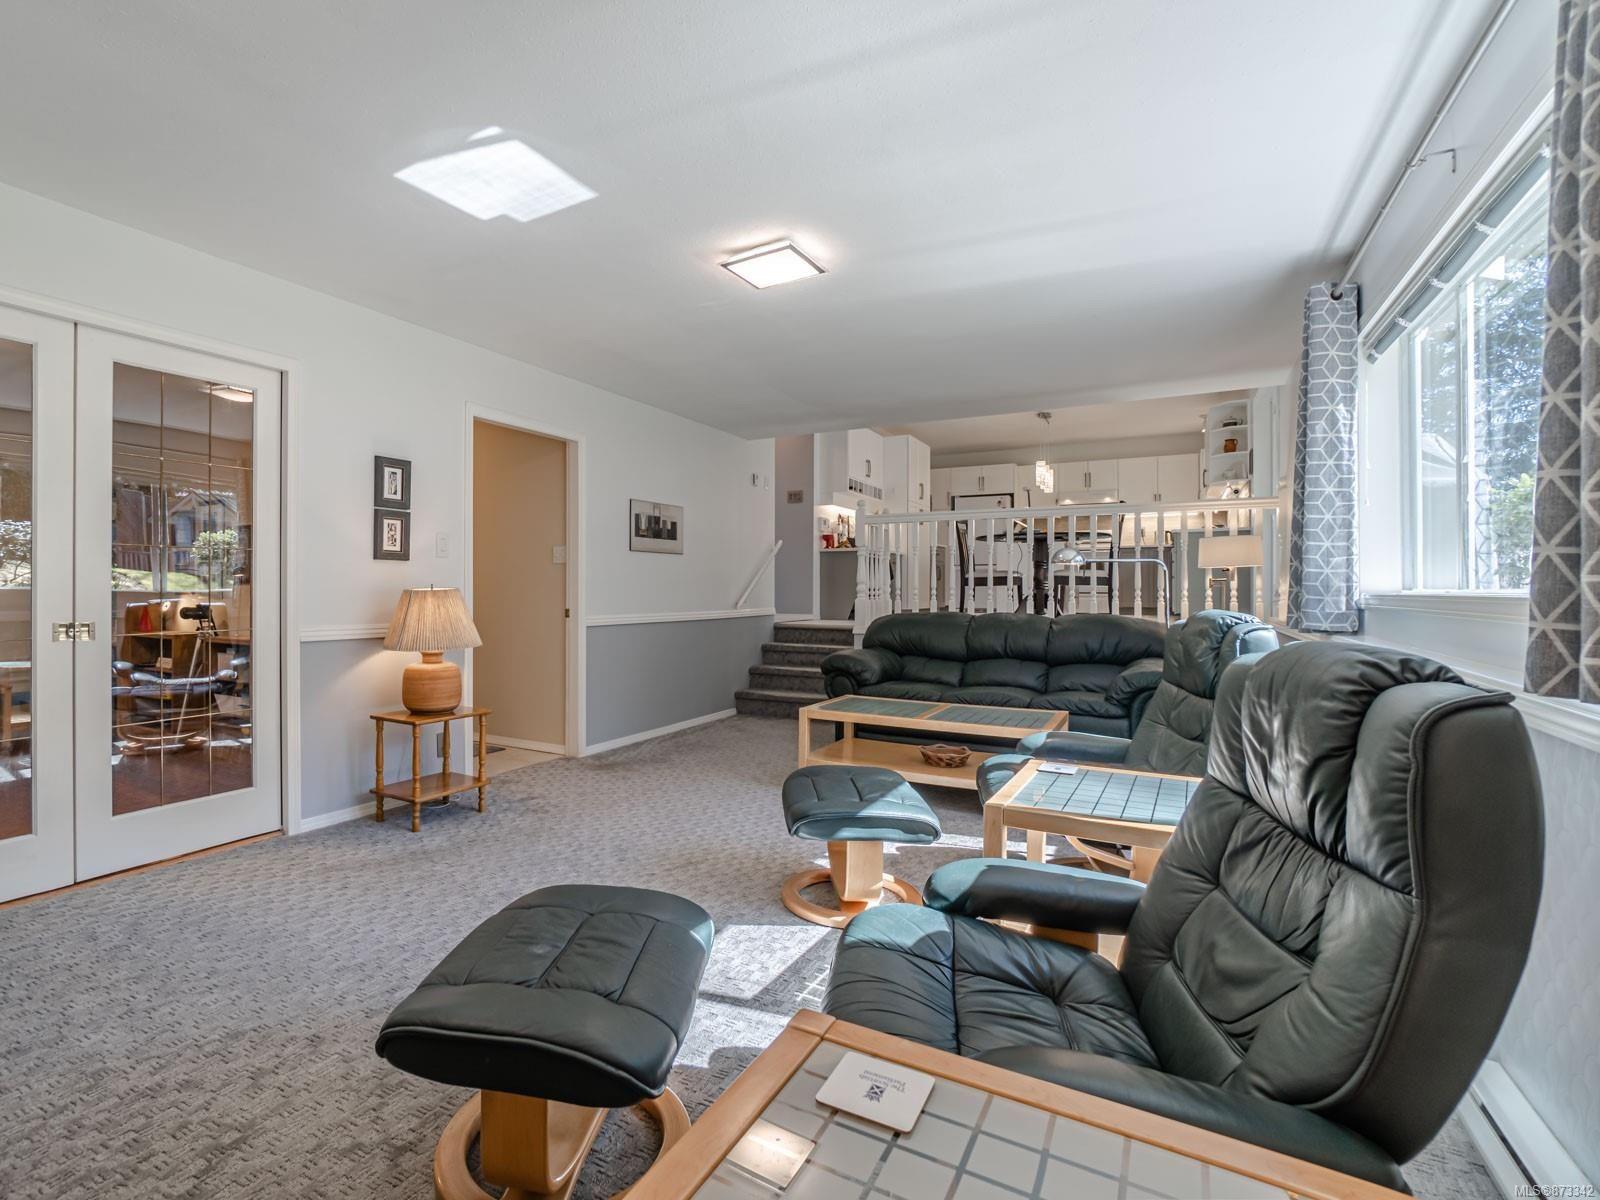 Photo 16: Photos: 5294 Catalina Dr in : Na North Nanaimo House for sale (Nanaimo)  : MLS®# 873342